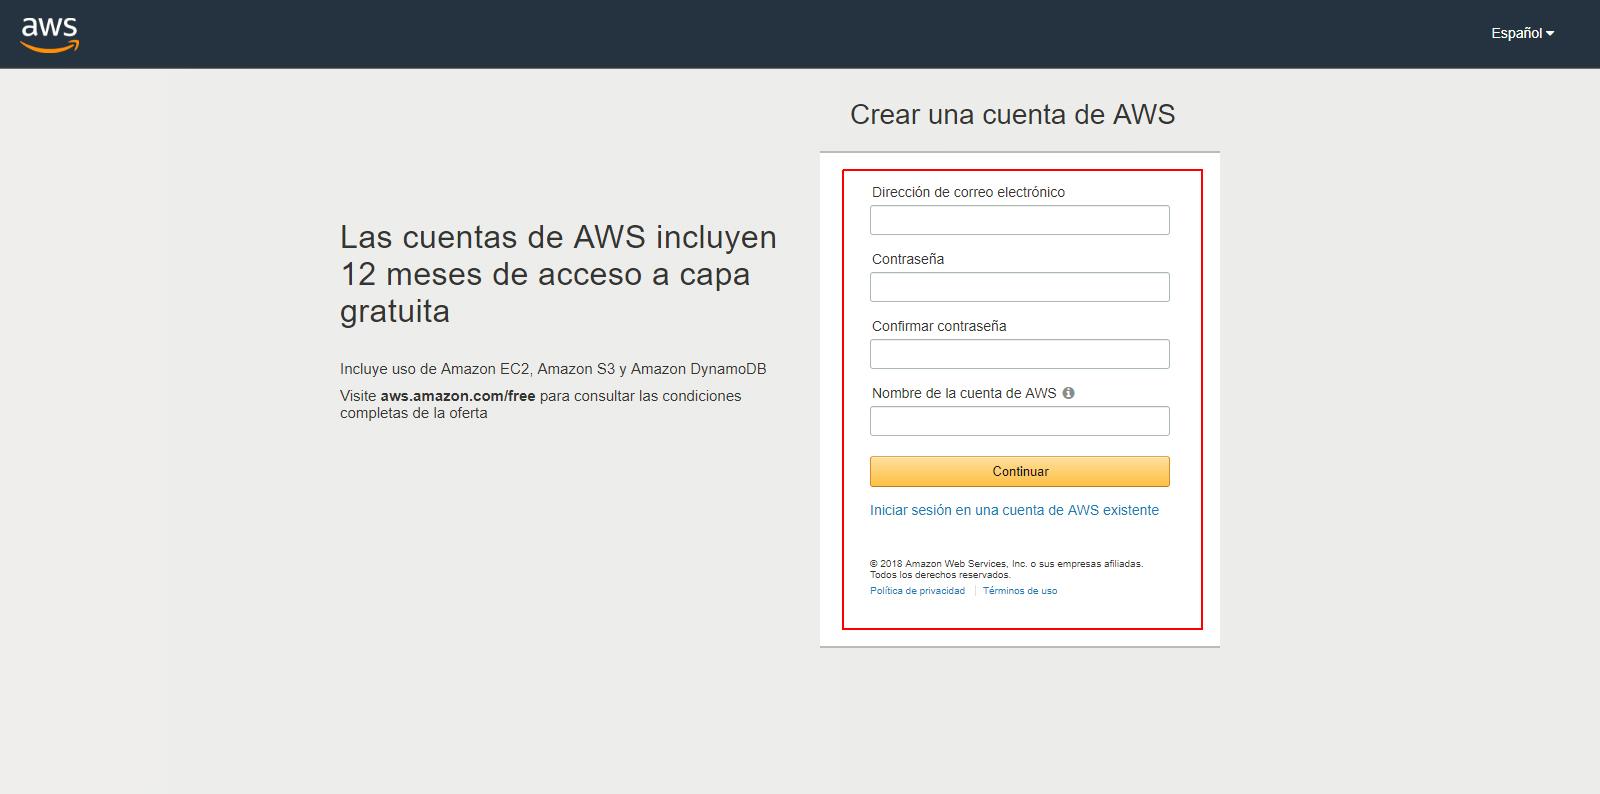 crear cuenta aws gratis 1